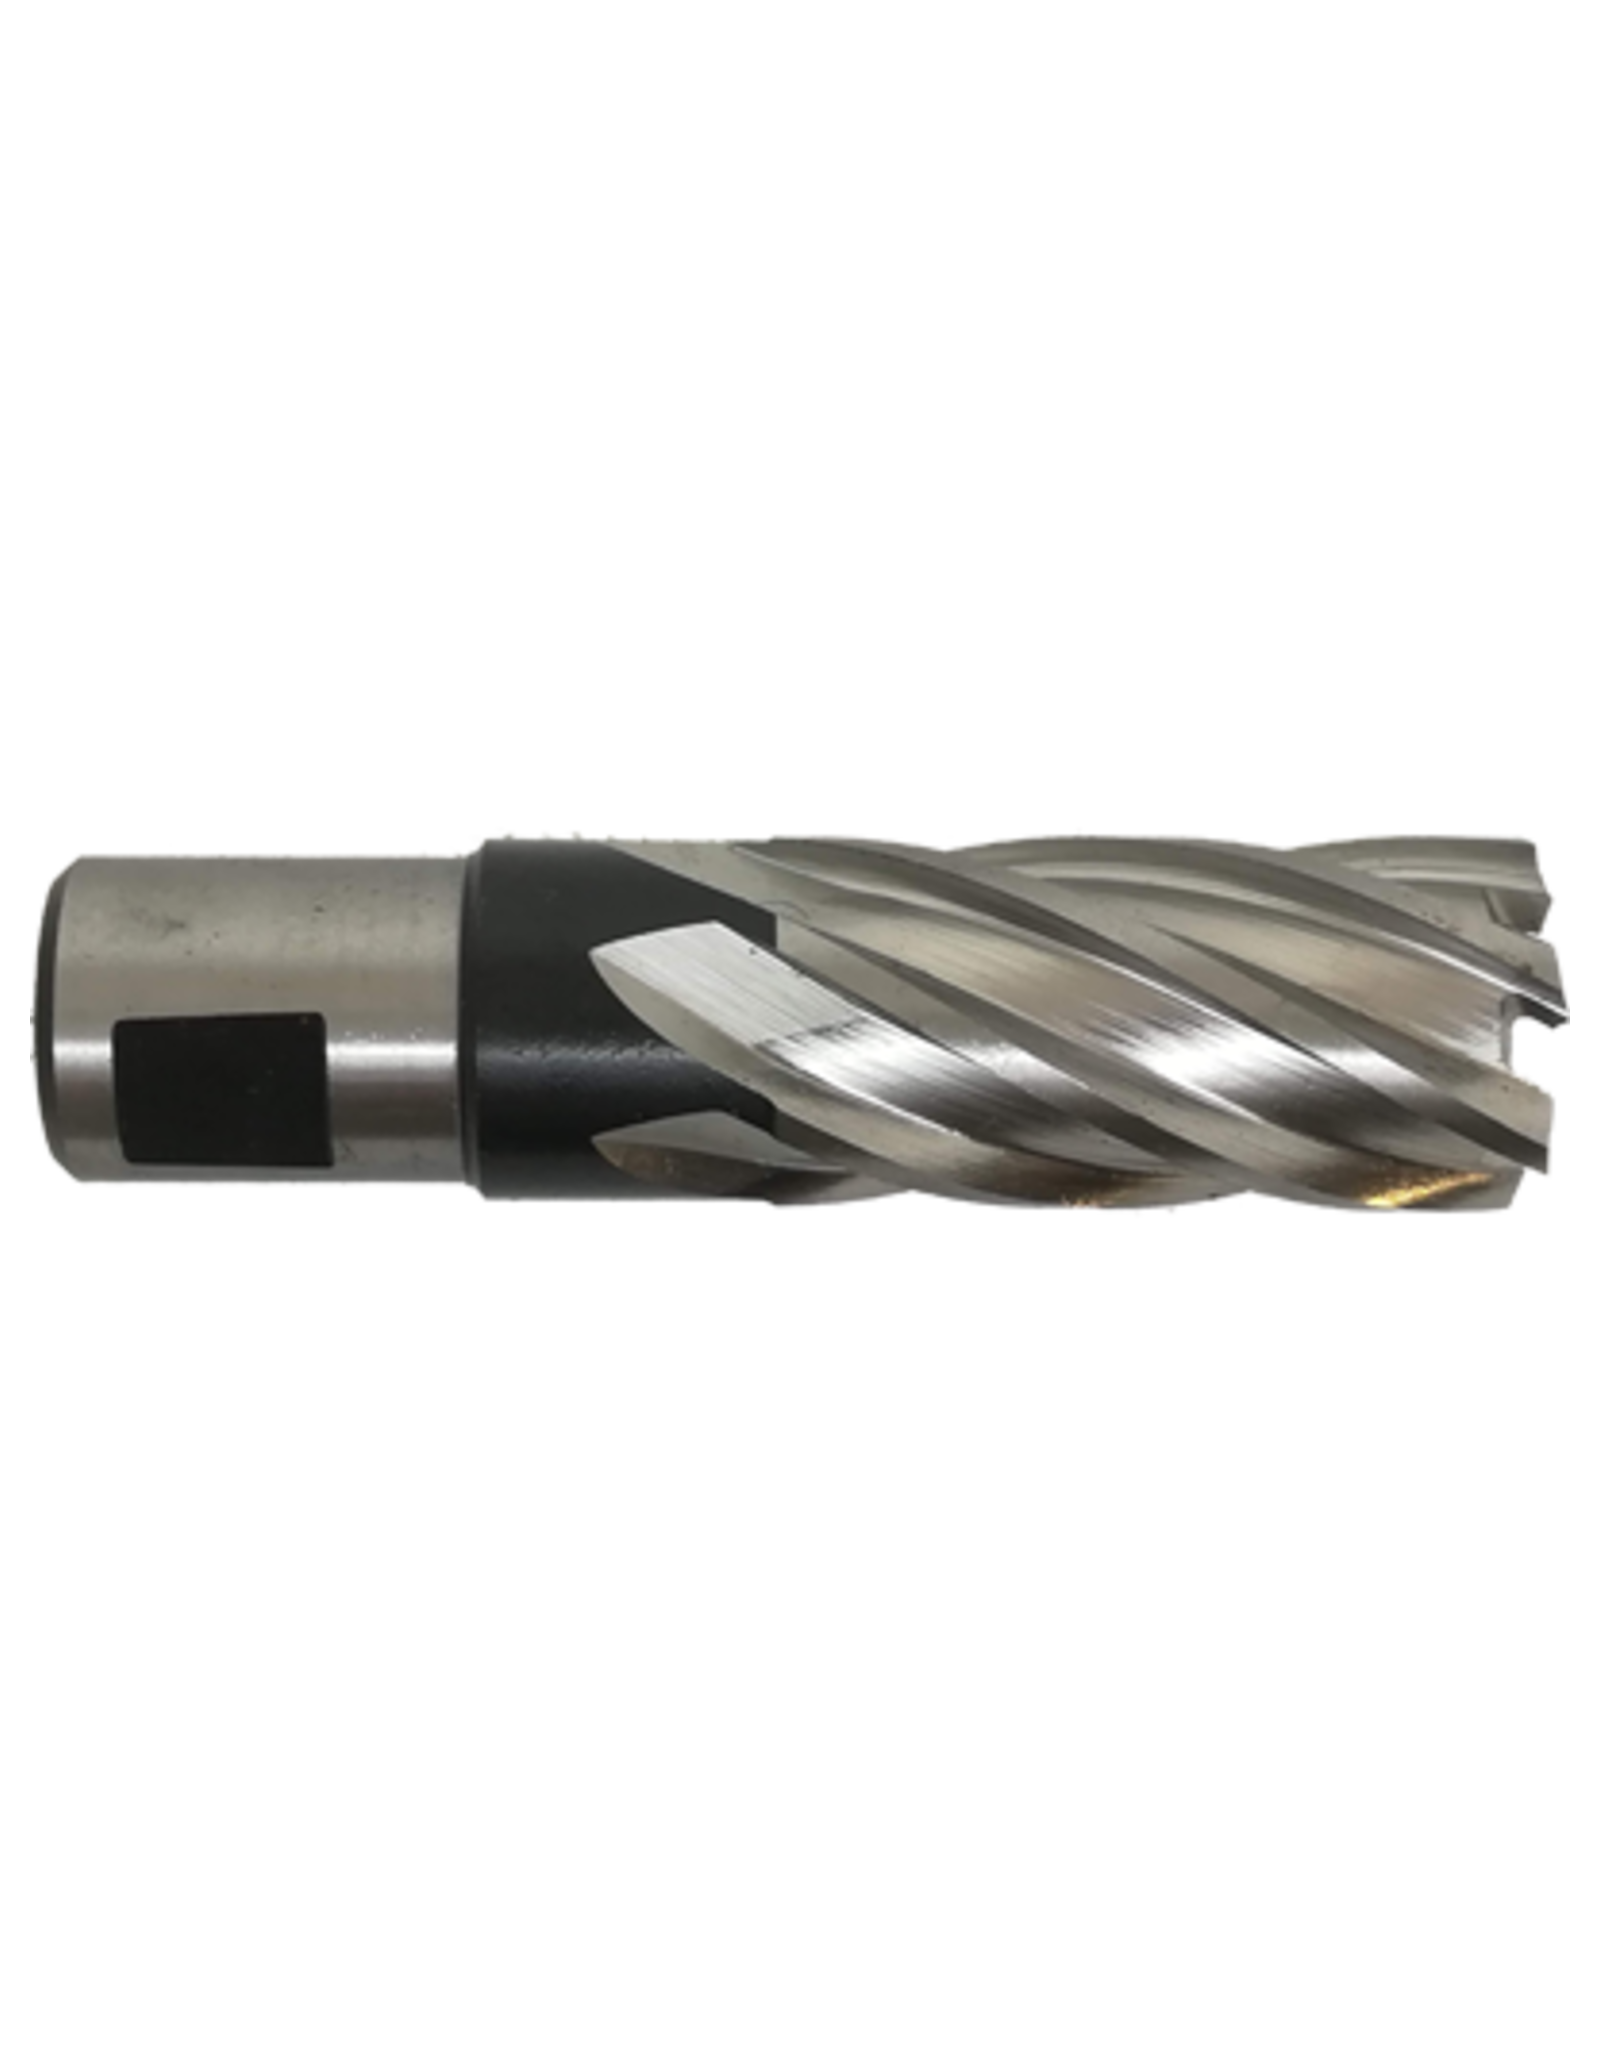 Evolution Power Tools Steel Line EVOLUTION LANGE HSS KERNFREES - 25 MM